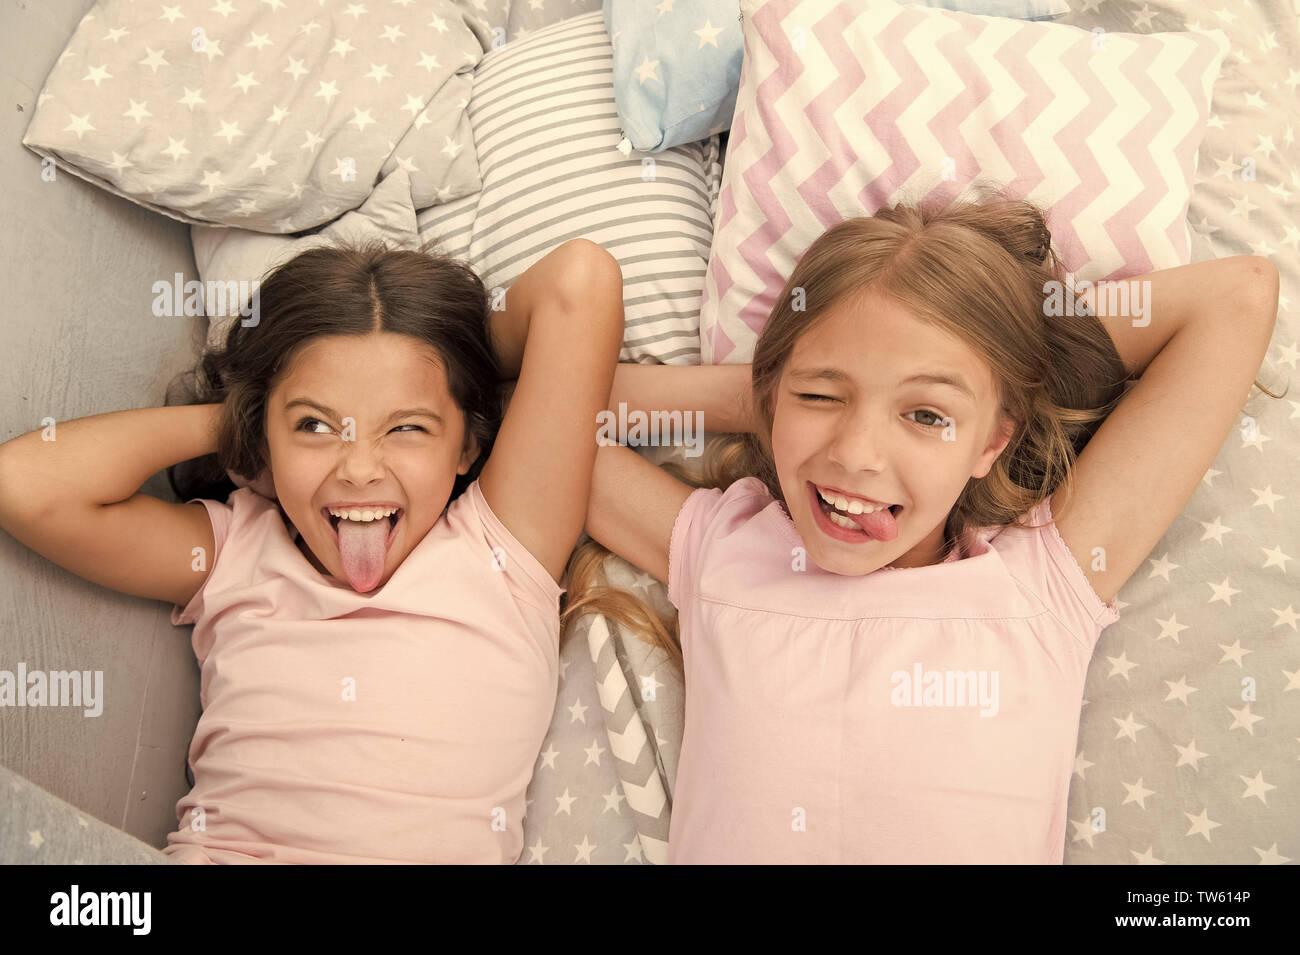 Slumber party intramontabile tradizione di infanzia. Ragazze rilassante sul letto. Slumber party concetto. Le ragazze vogliono semplicemente divertirsi. Invita un amico per sleepover. Migliori amici per sempre. Considerare il tema slumber party. Immagini Stock